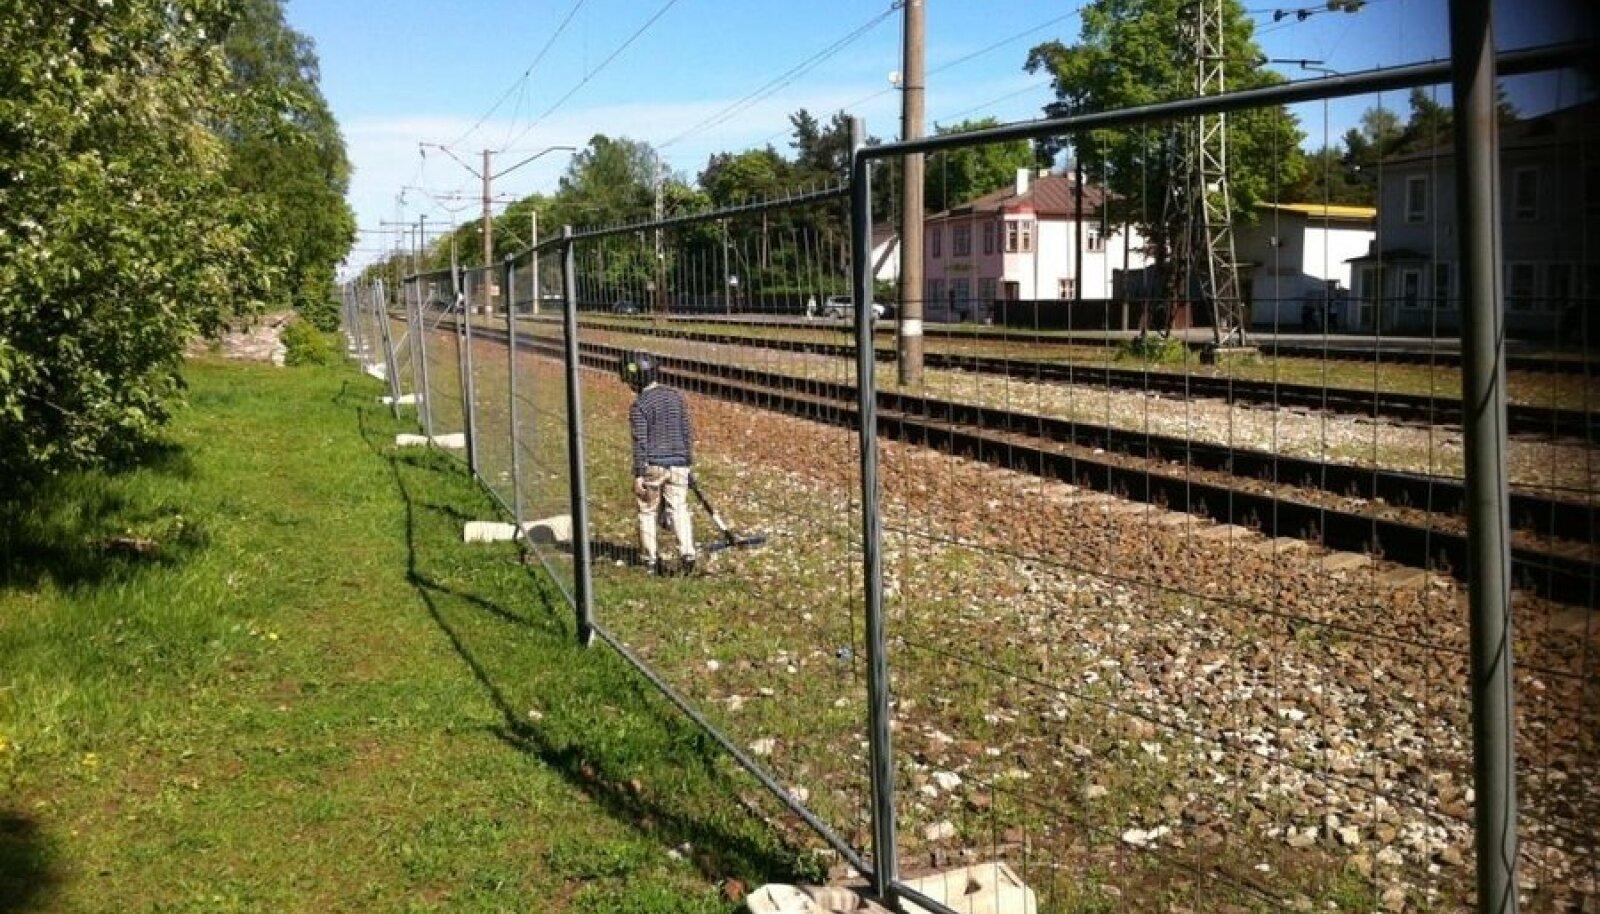 Raudtee Nõmme põhikooli juures. (mobiilifoto: Erki Korp)